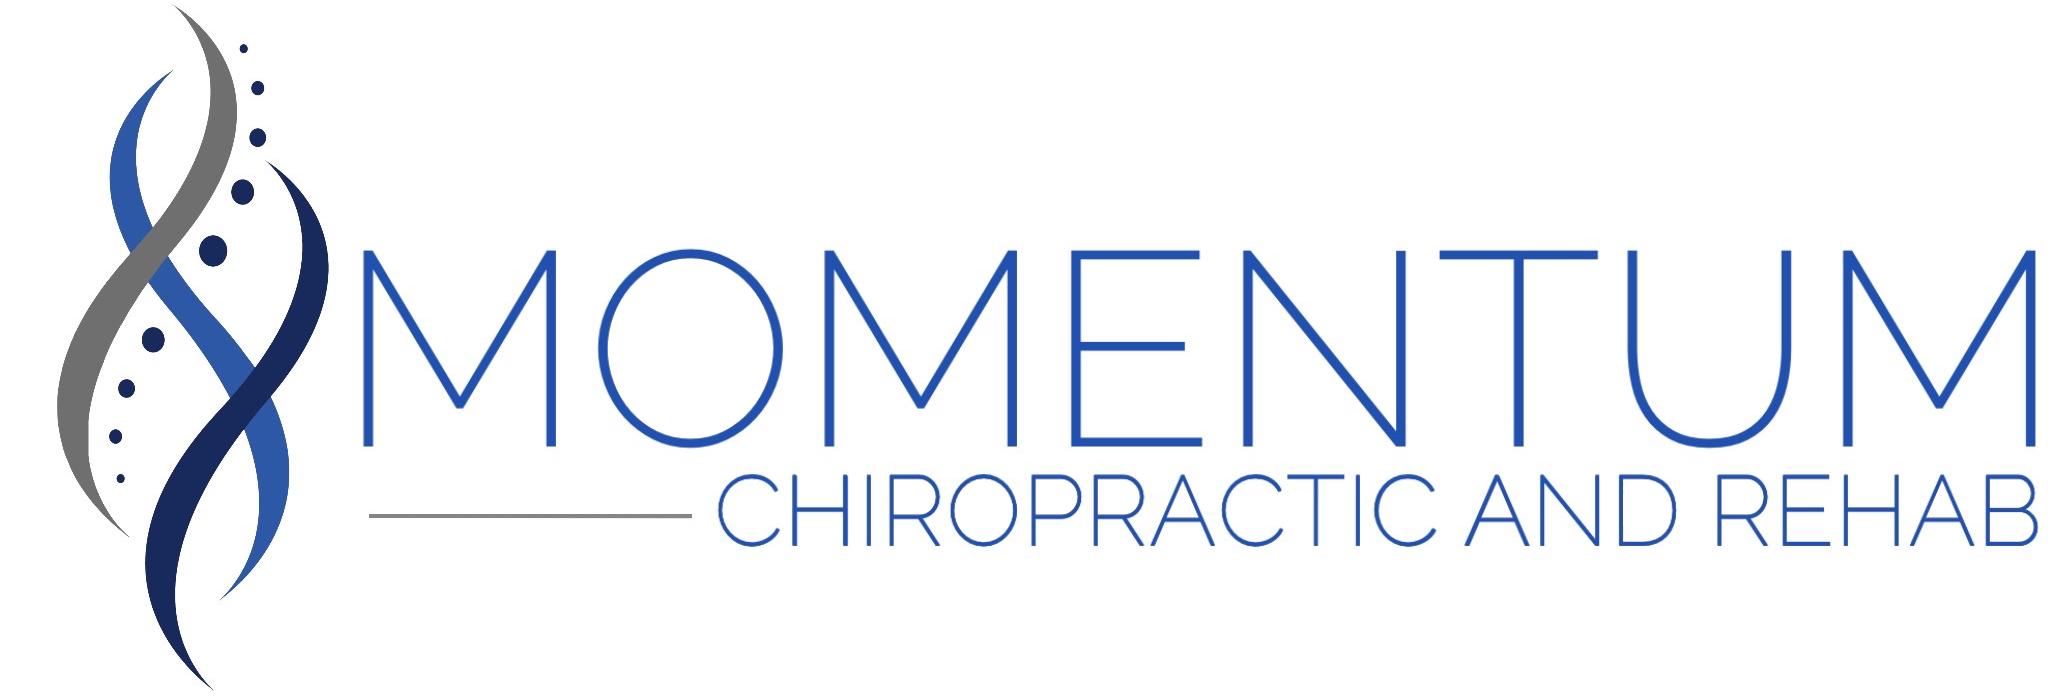 Momentum Chiropractic and Rehab